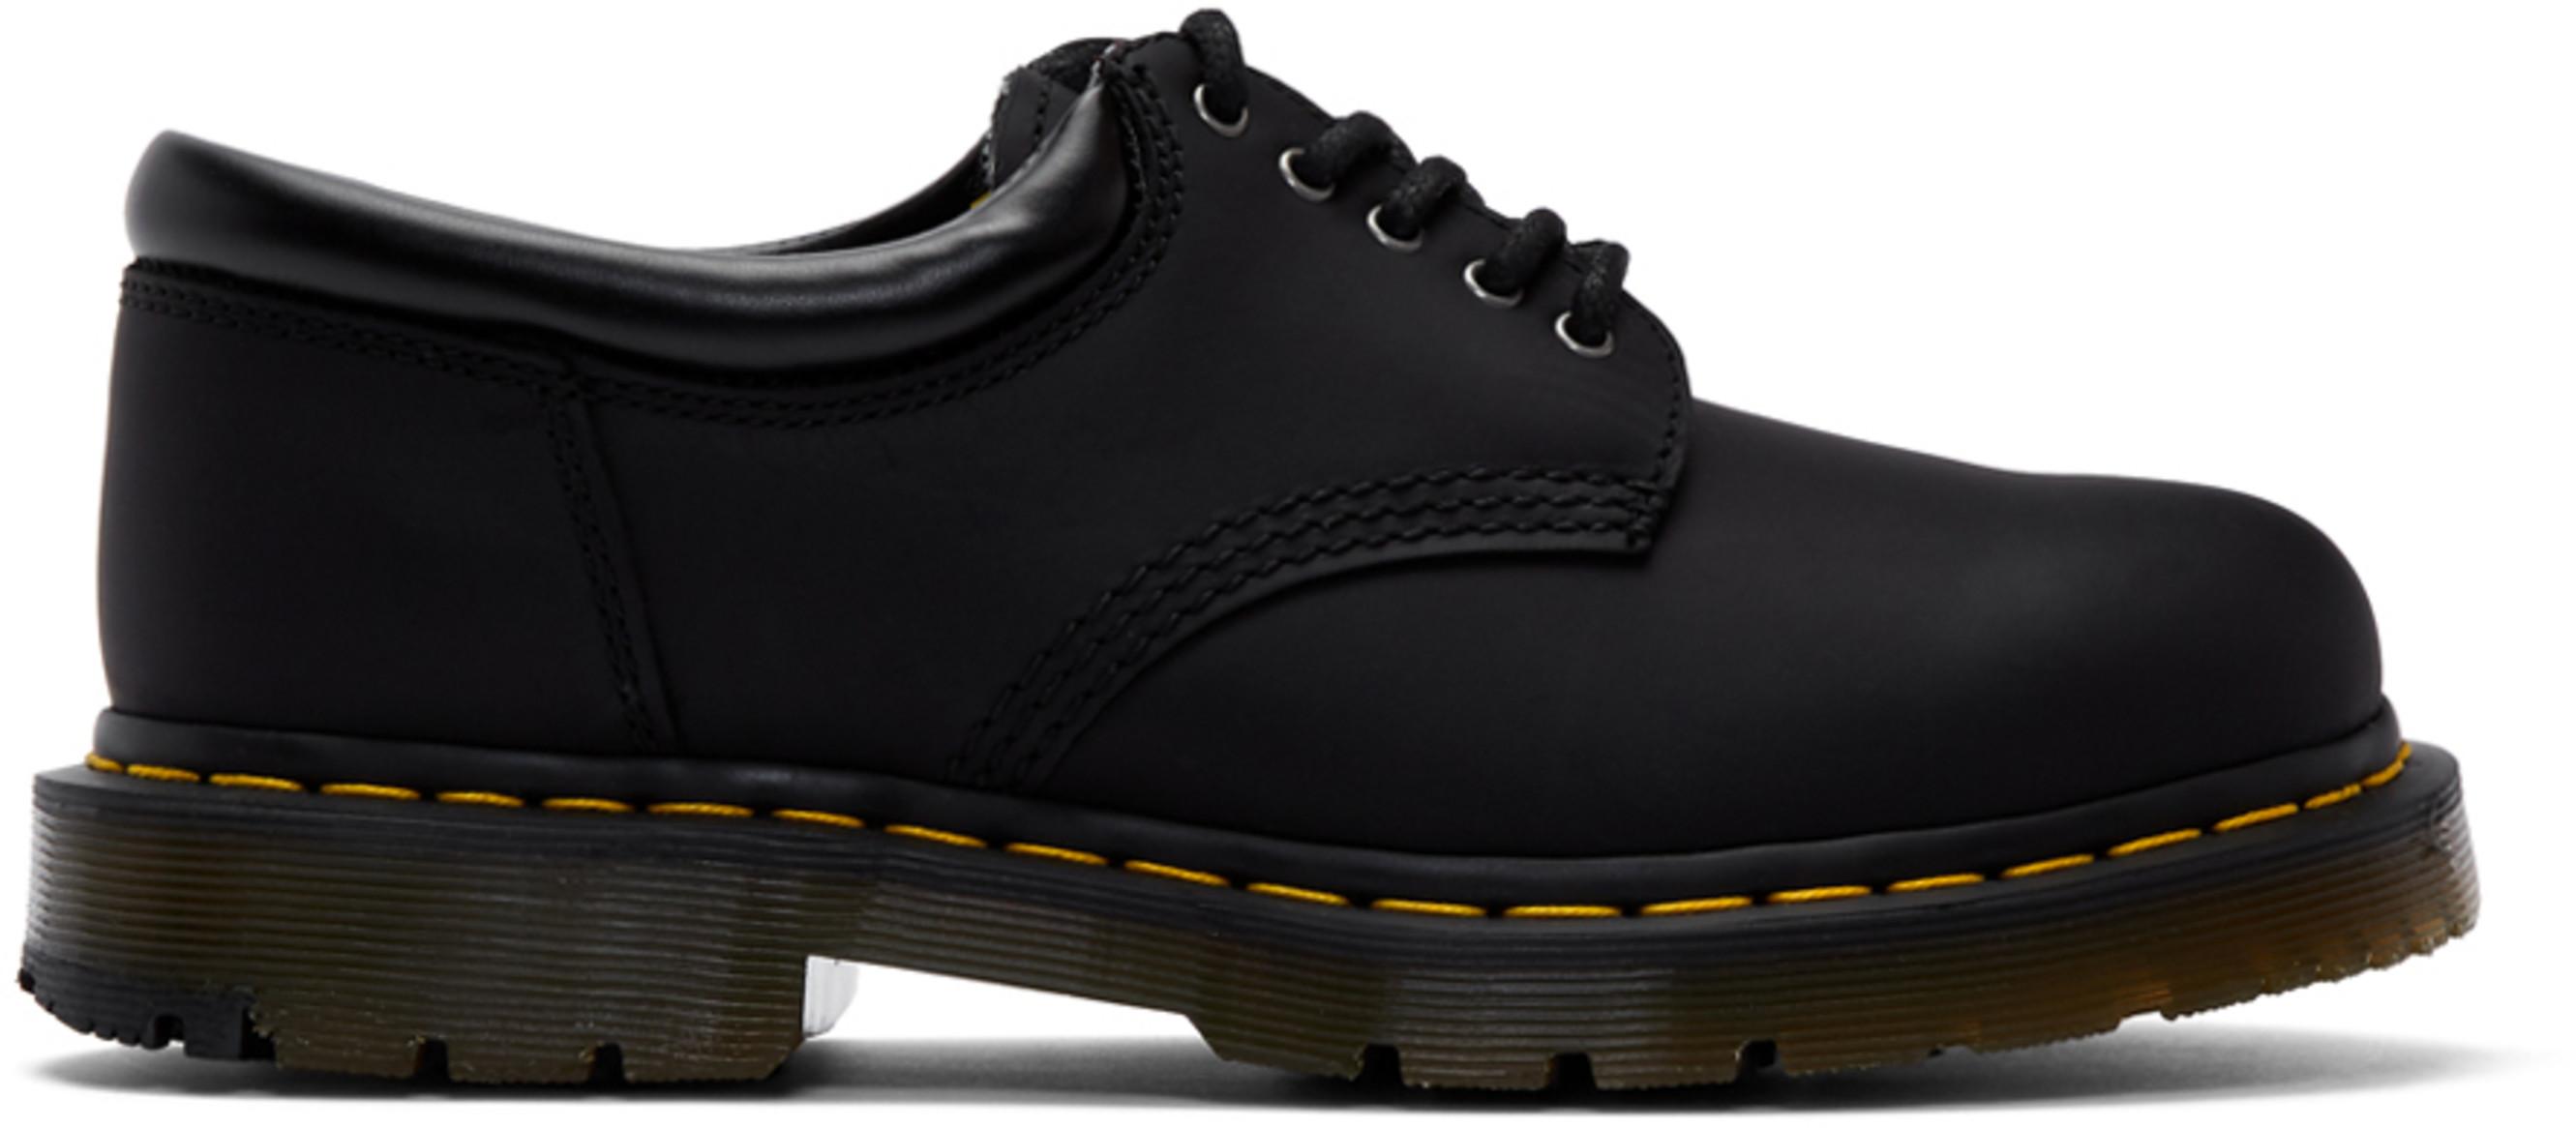 Martens1461 À Chaussures Chaussures À Dr Martens1461 3ille 3ille Dr Martens1461 Dr nN0mwyv8OP